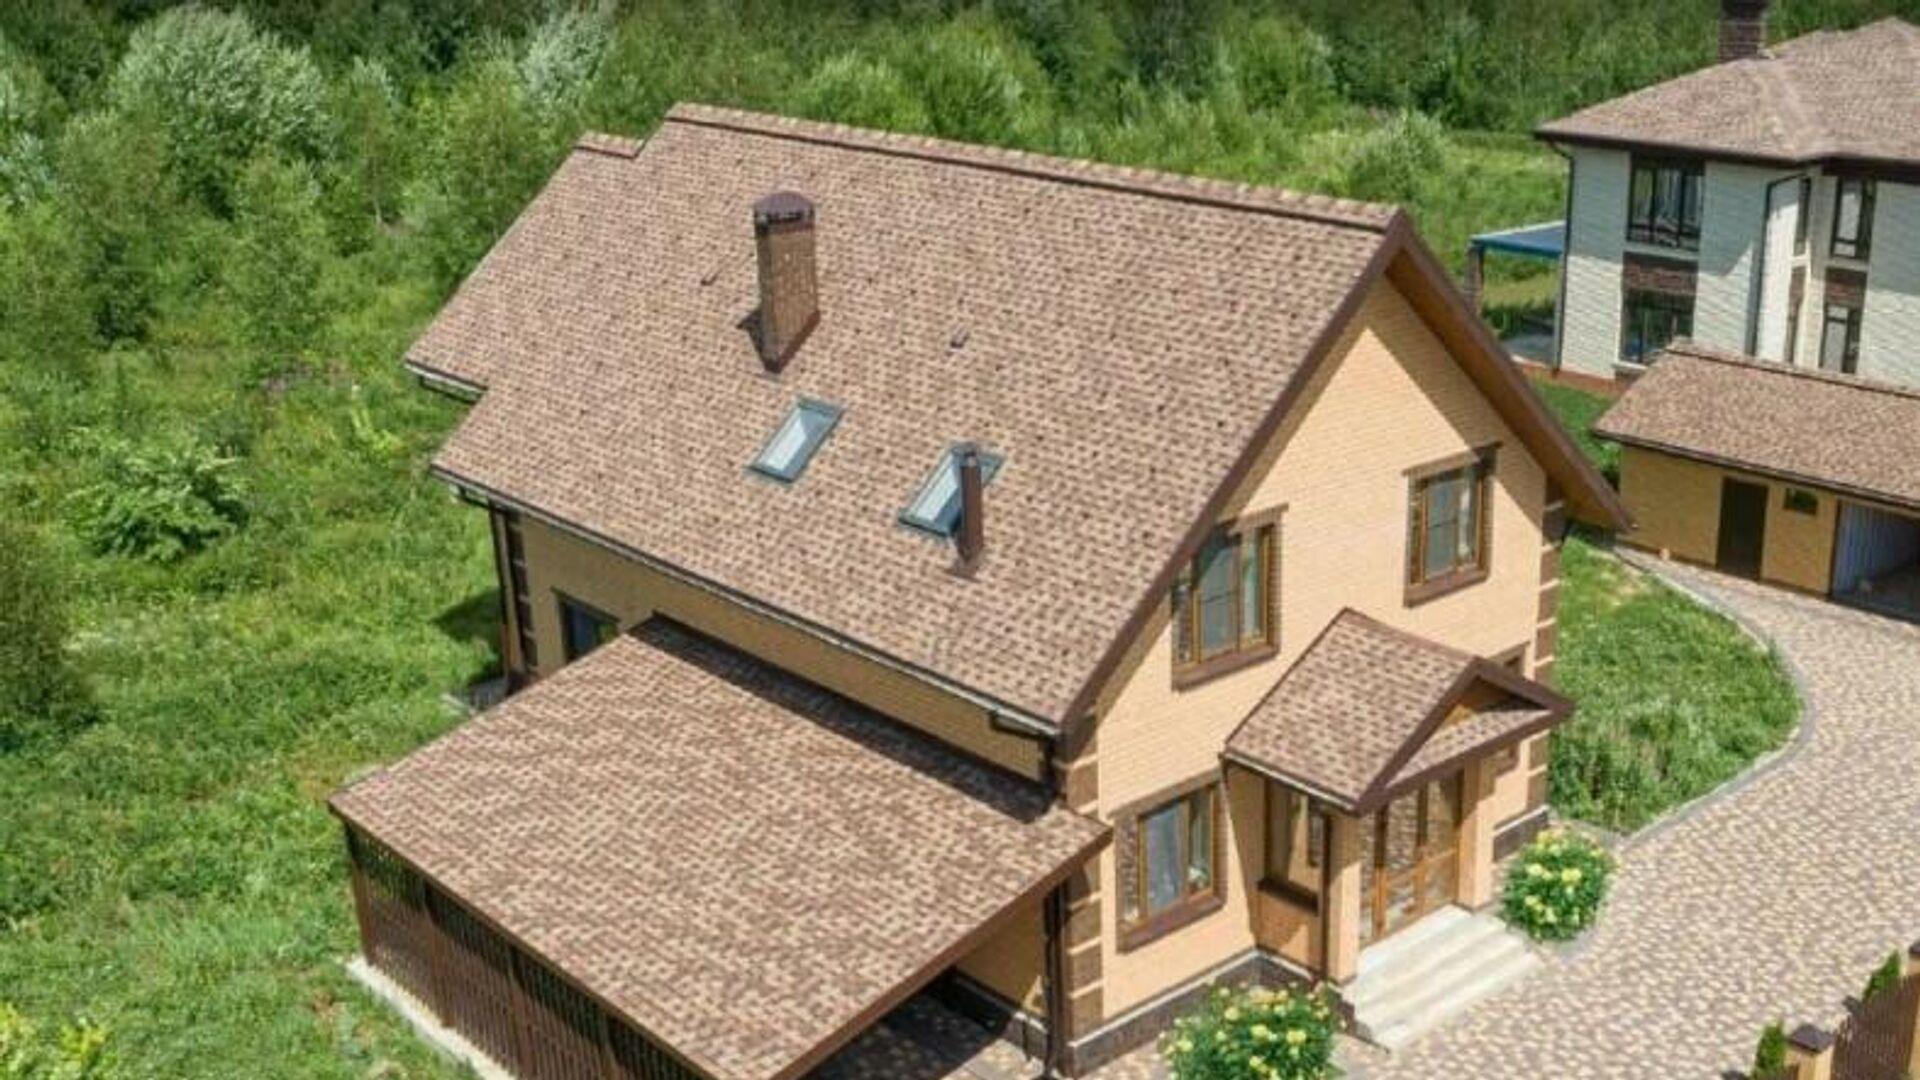 Дом со скатной крышей - РИА Новости, 1920, 18.06.2020